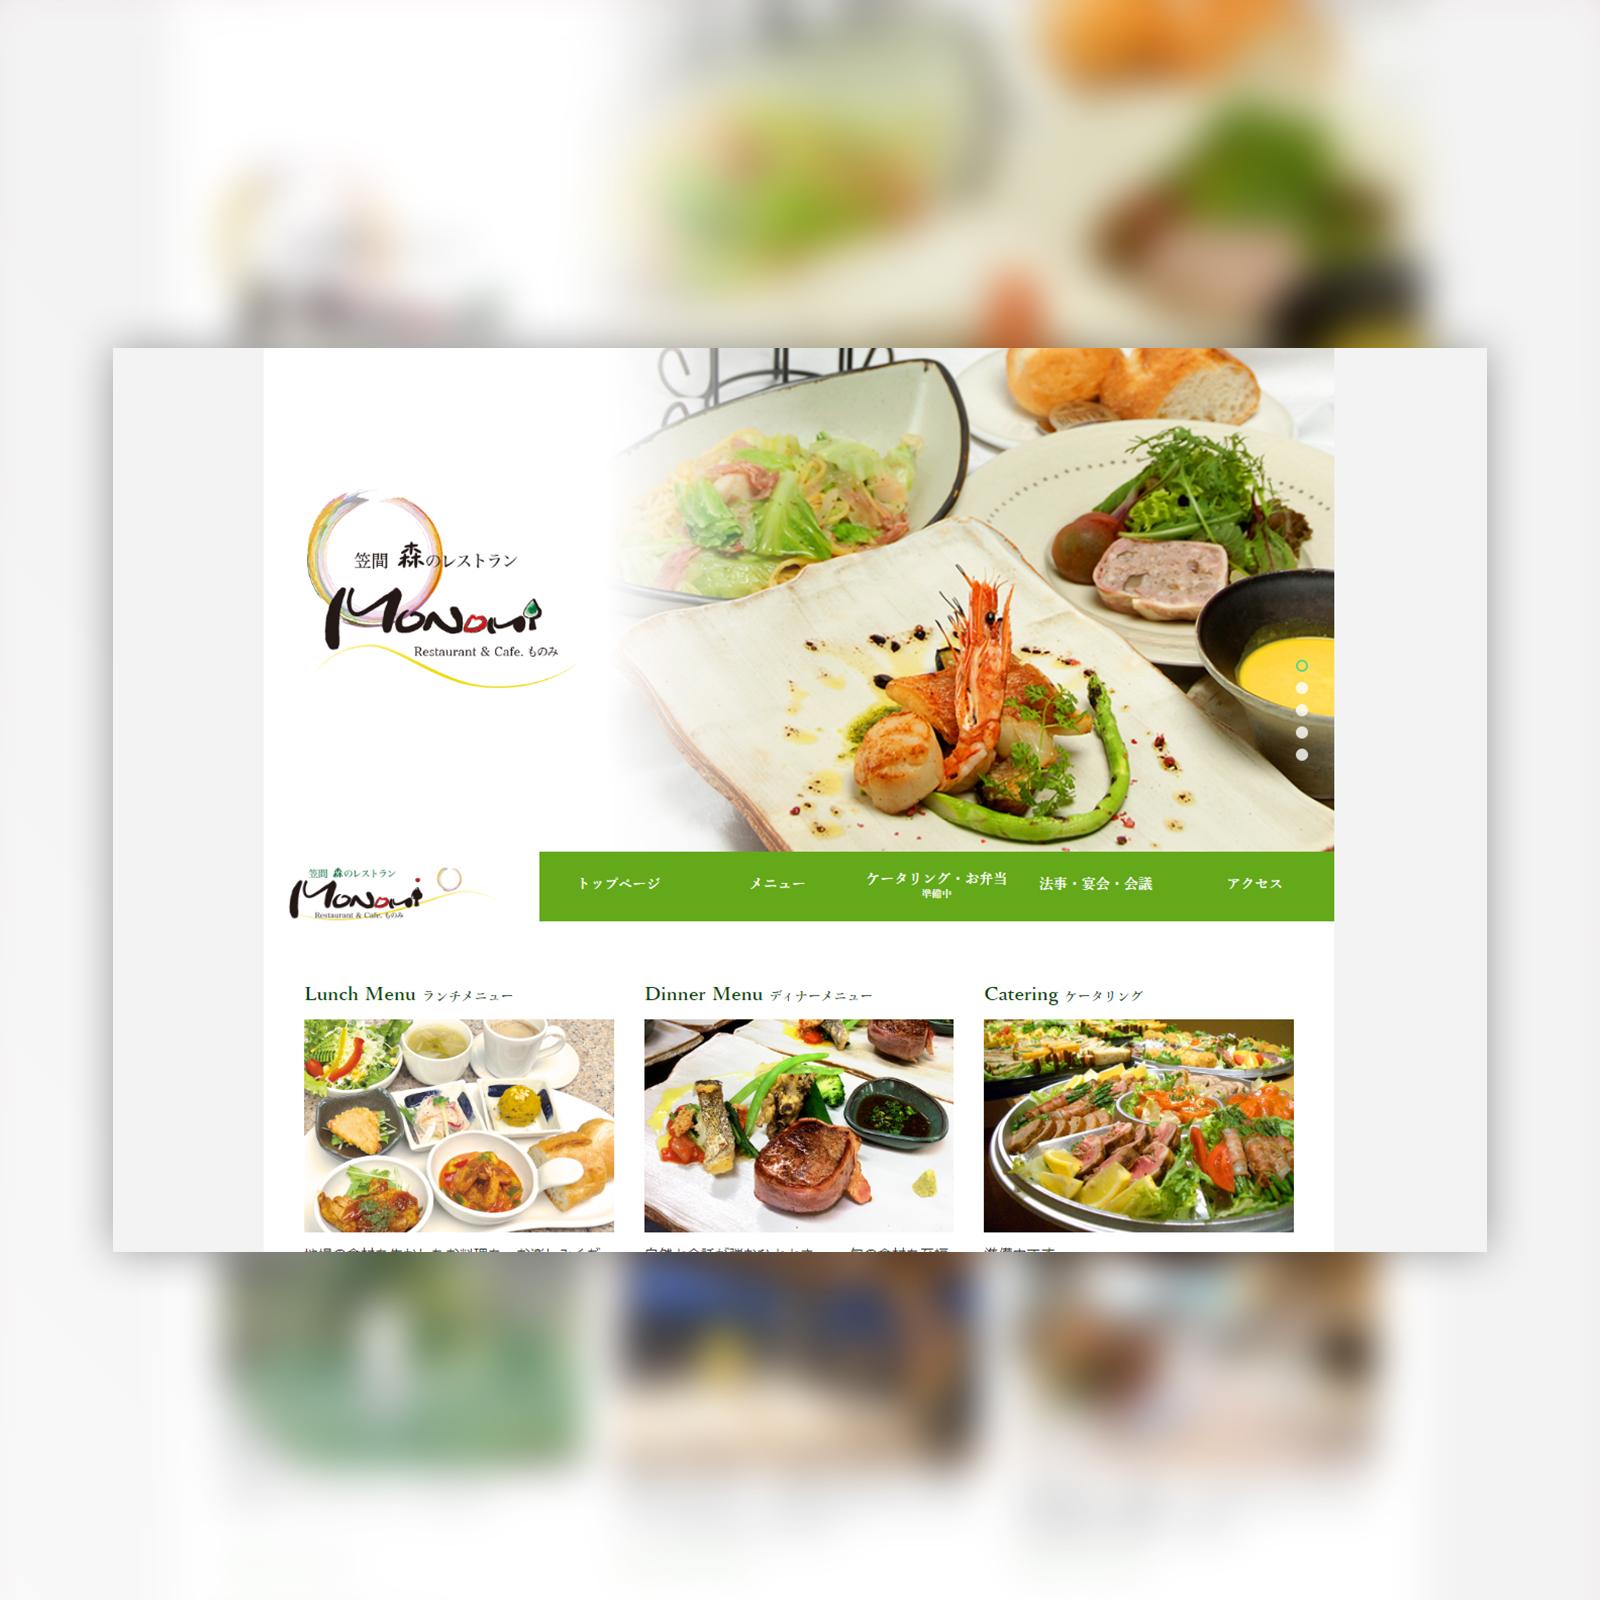 笠間 森のレストラン Monomi(ものみ) ホームページ